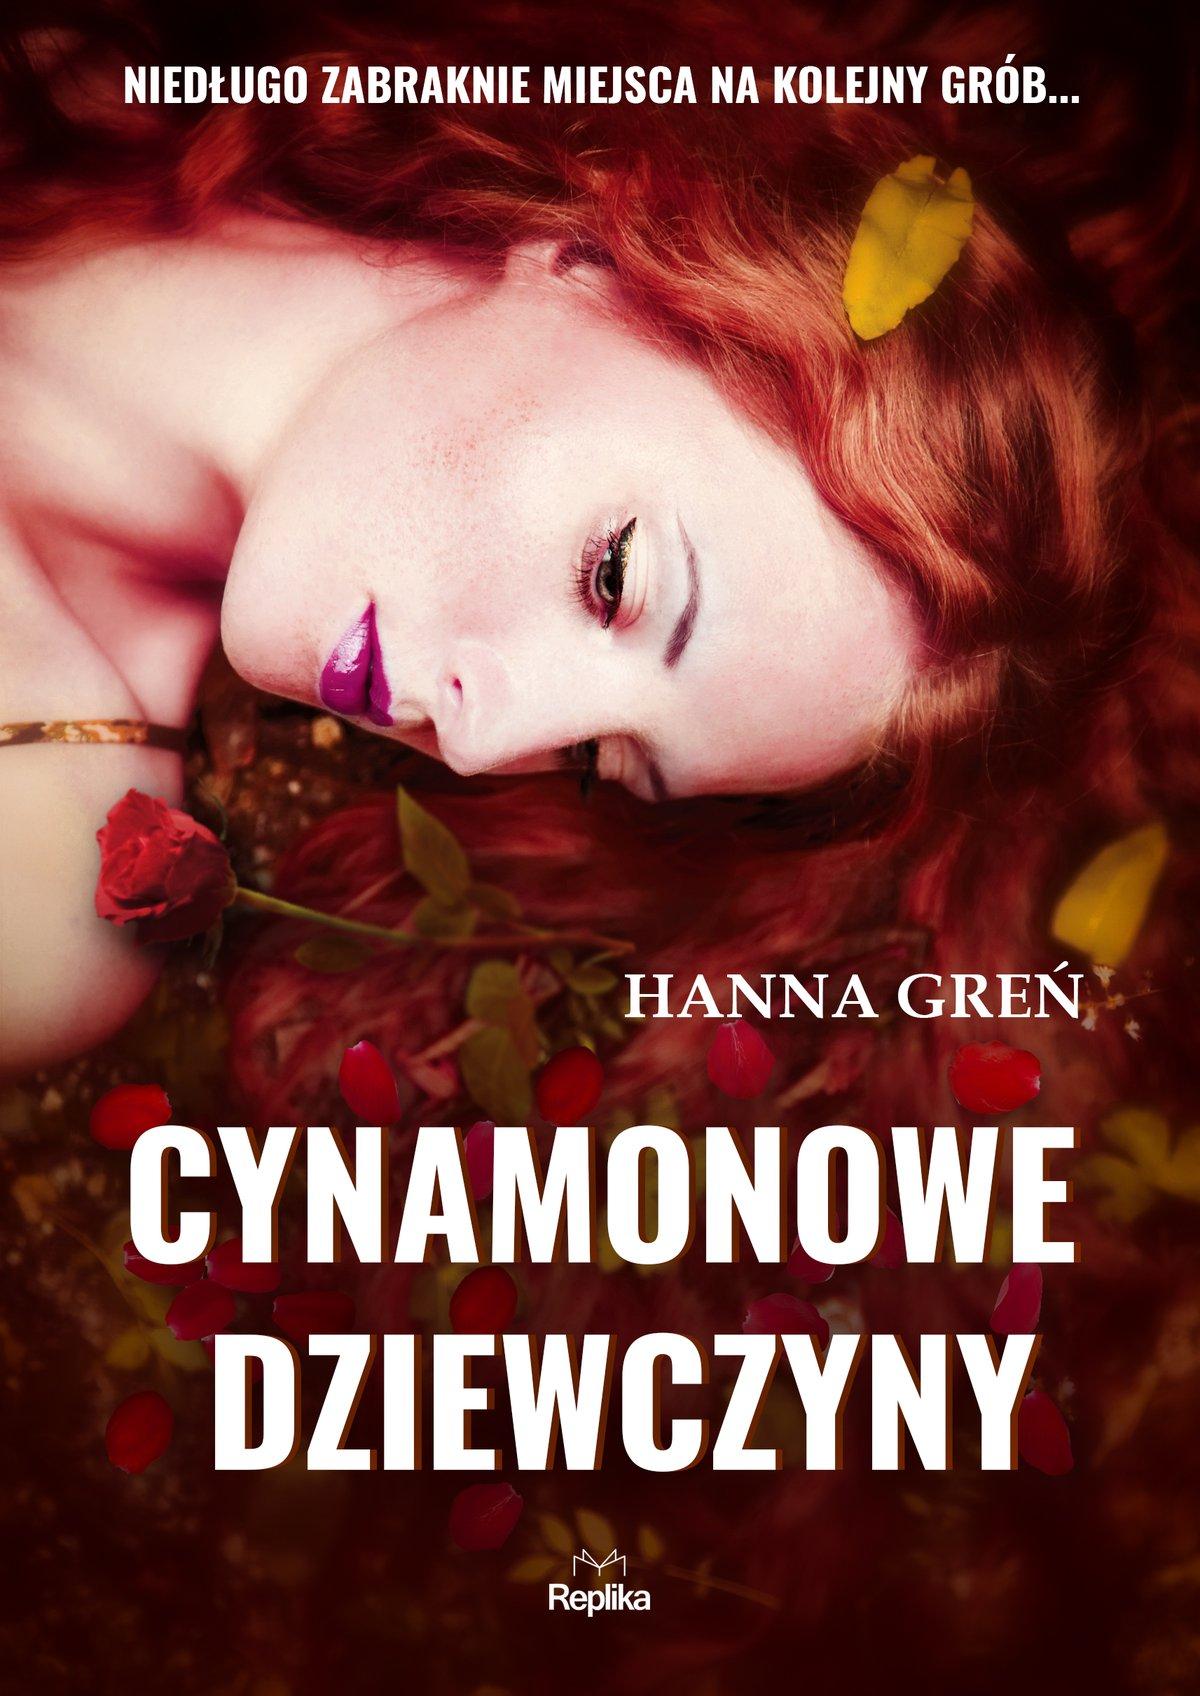 Cynamonowe dziewczyny - Ebook (Książka na Kindle) do pobrania w formacie MOBI